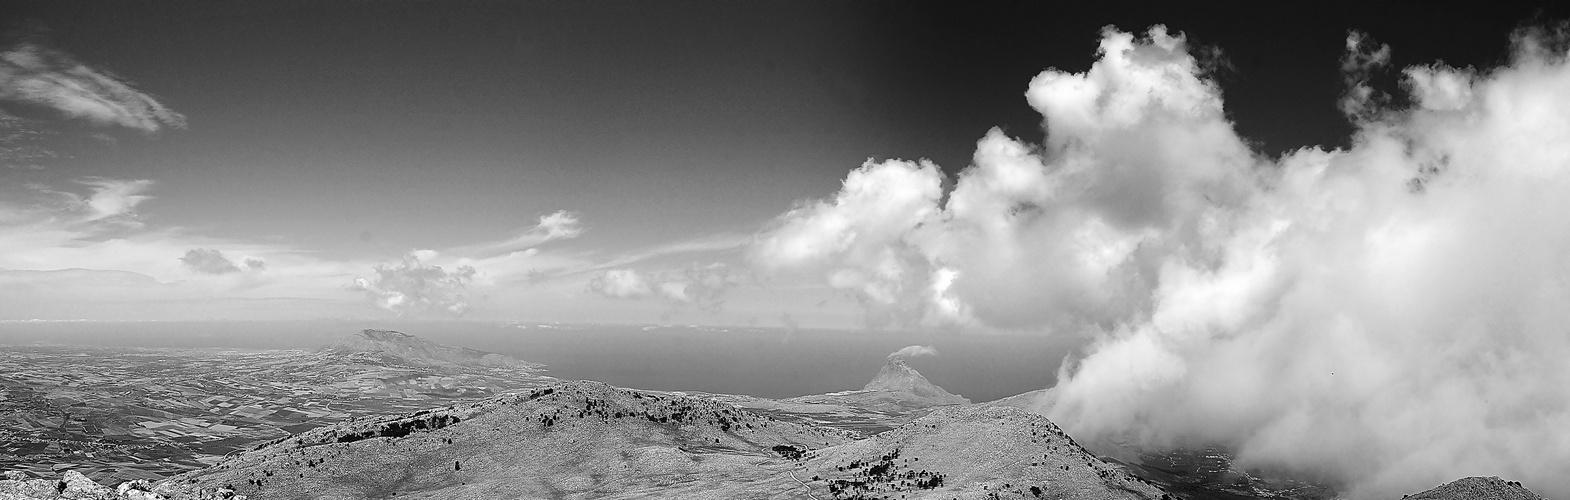 panorama bn da monte Sparacio